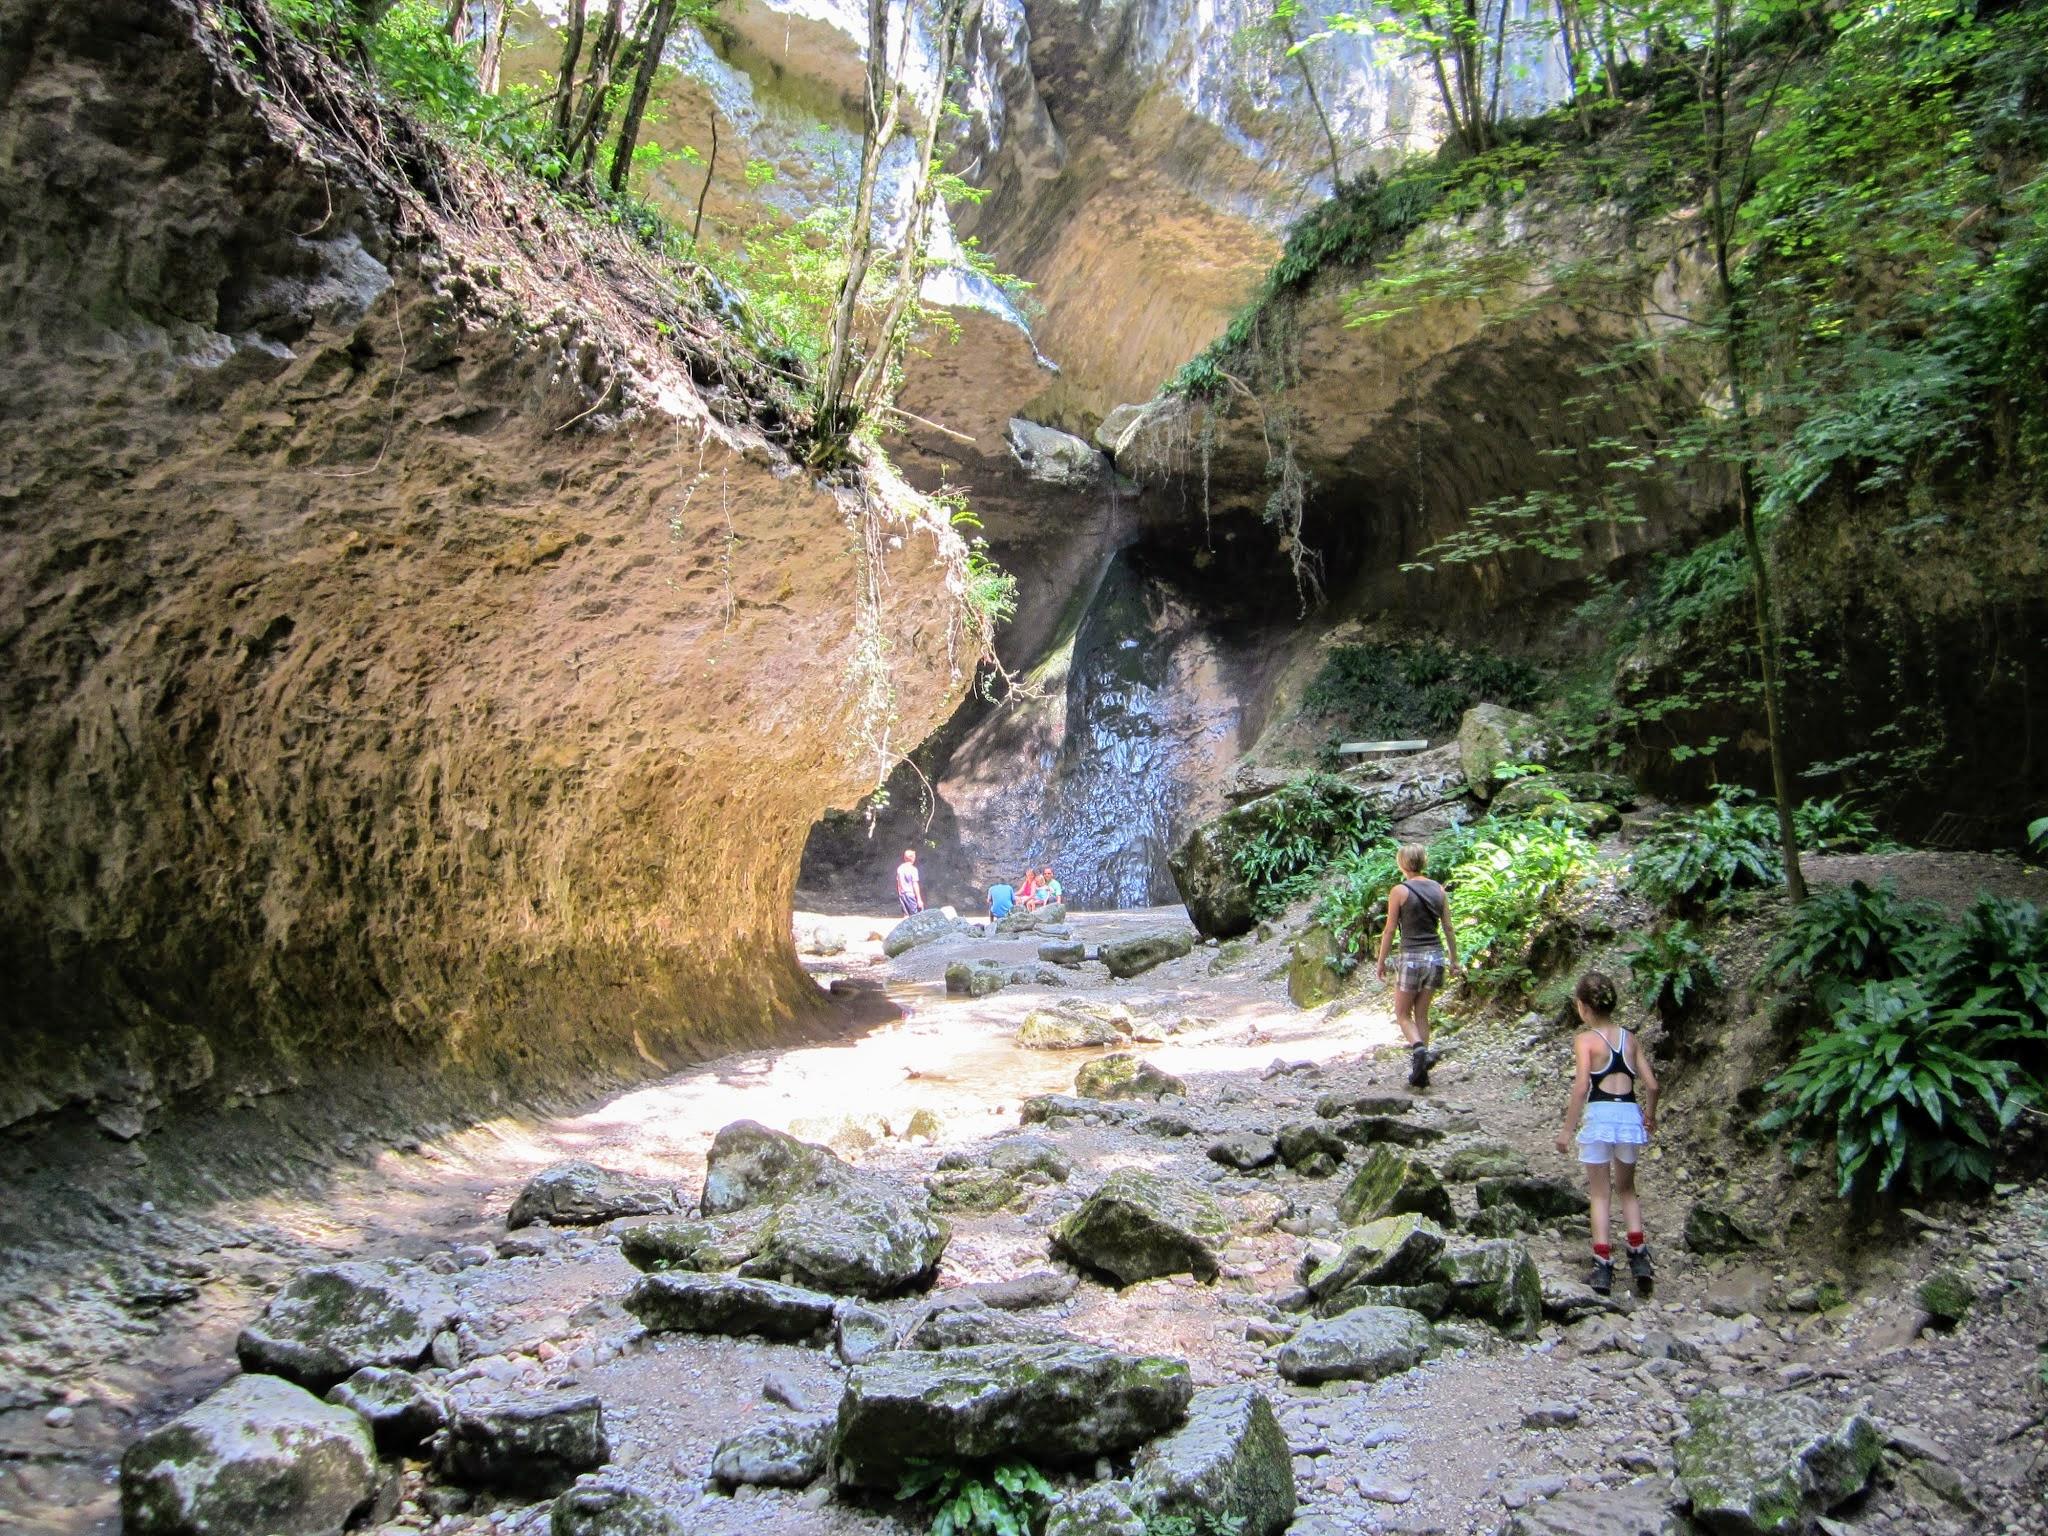 Wandelen aan het Gardameer - park met watervallen